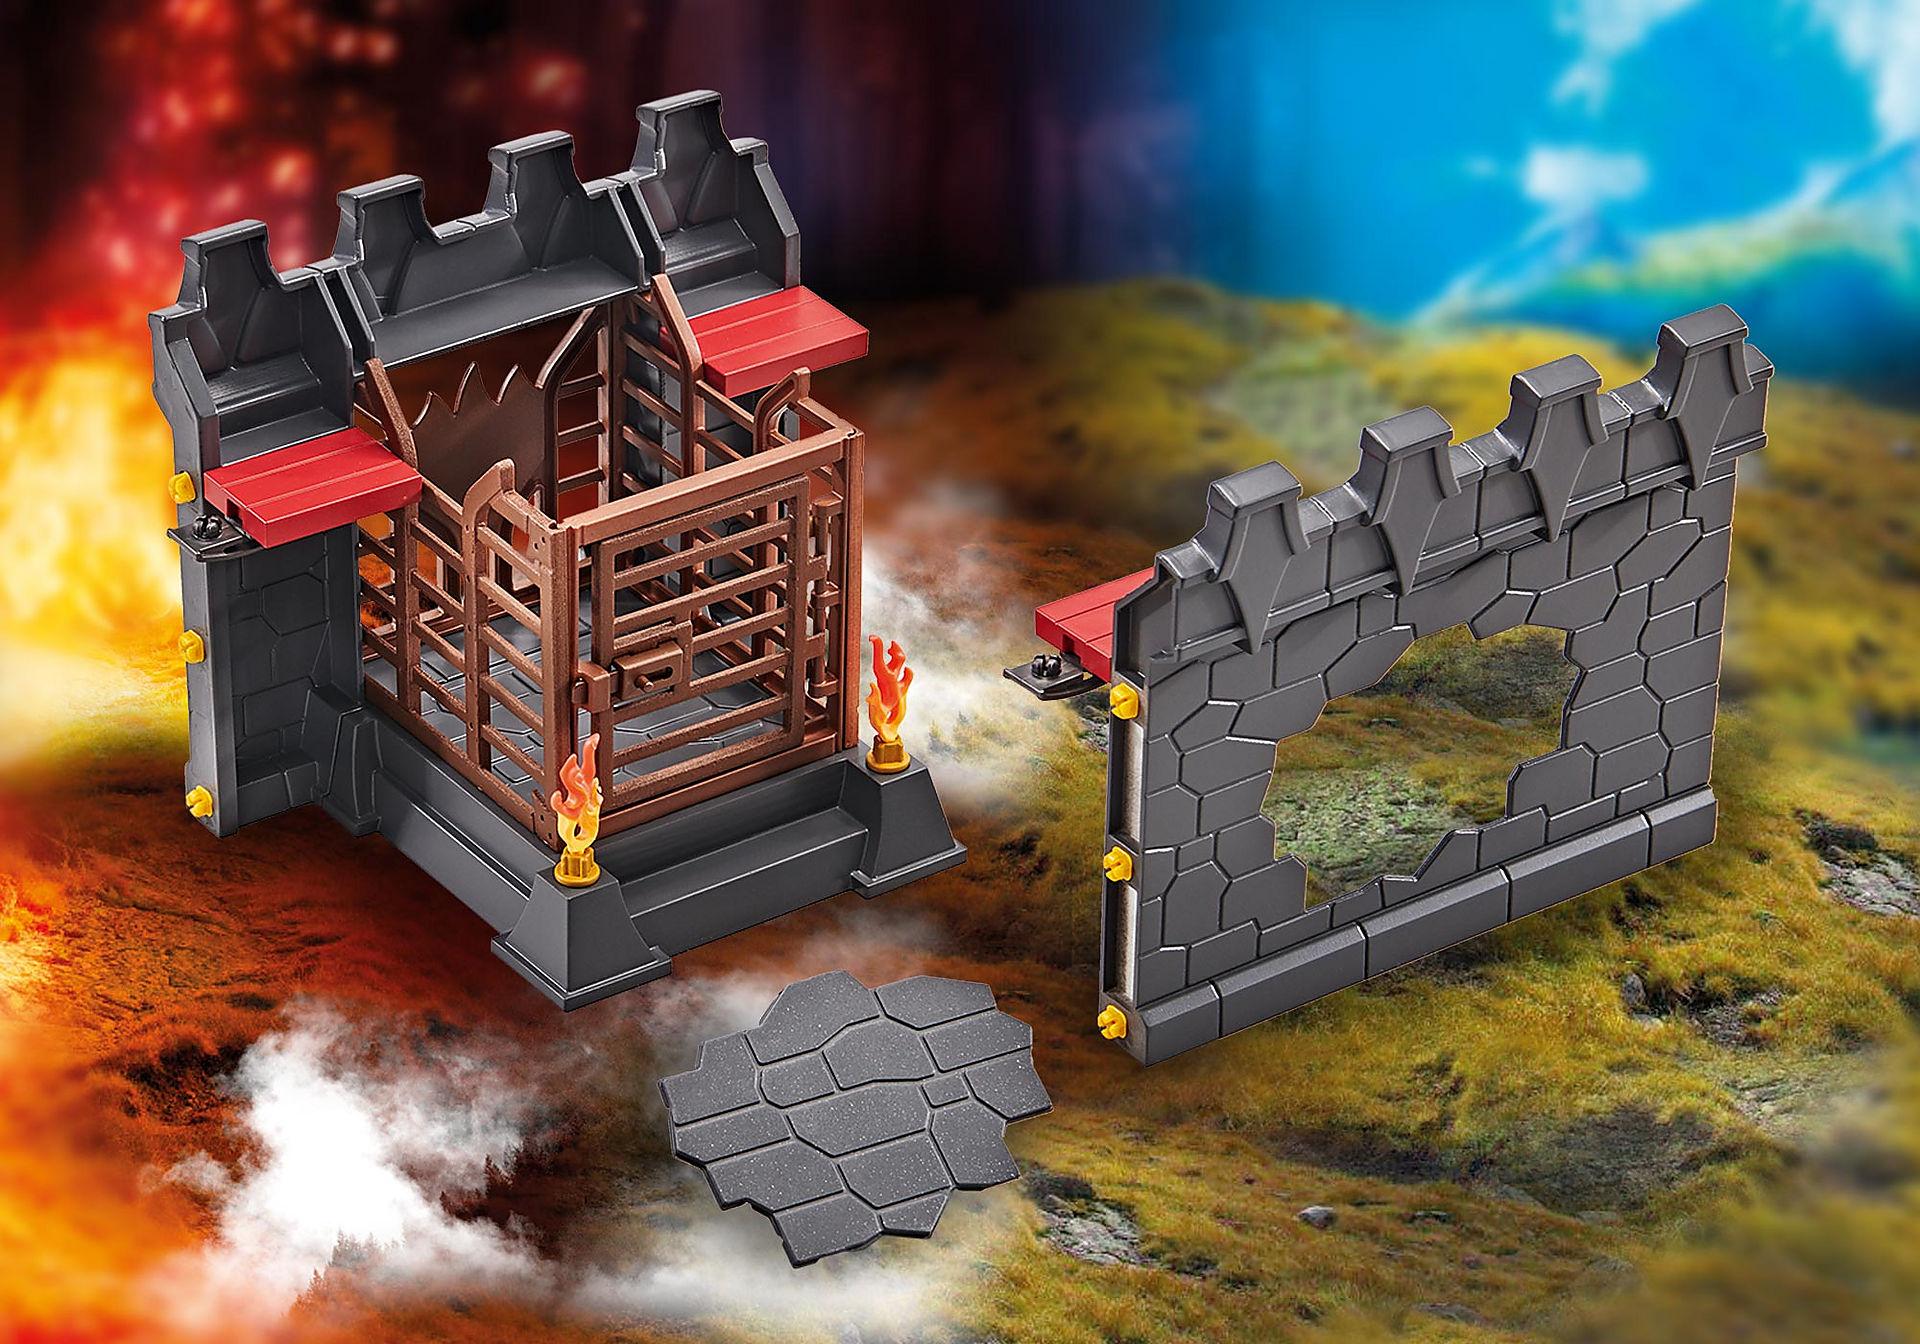 9841 Επέκταση Τείχους με φυλακή και ρήγμα στα τείχη για το Φρούριο των Ιπποτών του Μπέρναμ zoom image1